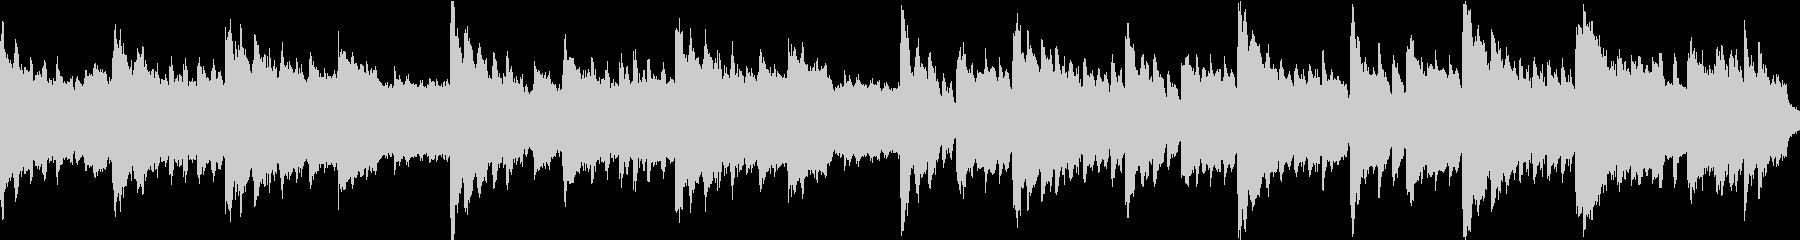 ピアノソロ、物悲しいトレモロ、ループ仕様の未再生の波形